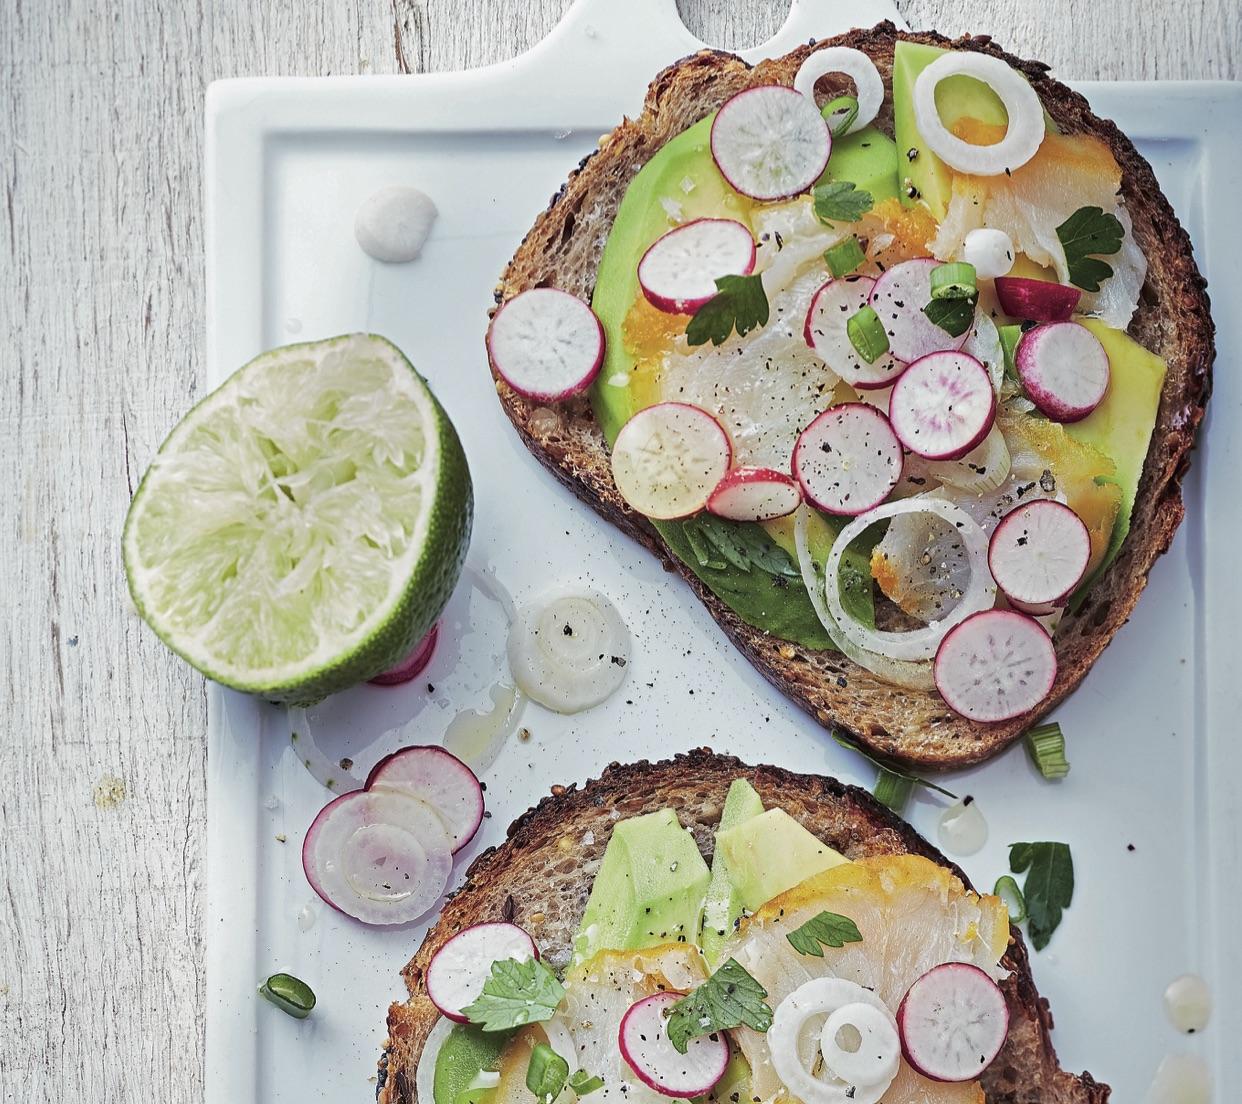 Petits plats en quilibre laurent mariotte - Recette cuisine tf1 petit plat en equilibre ...